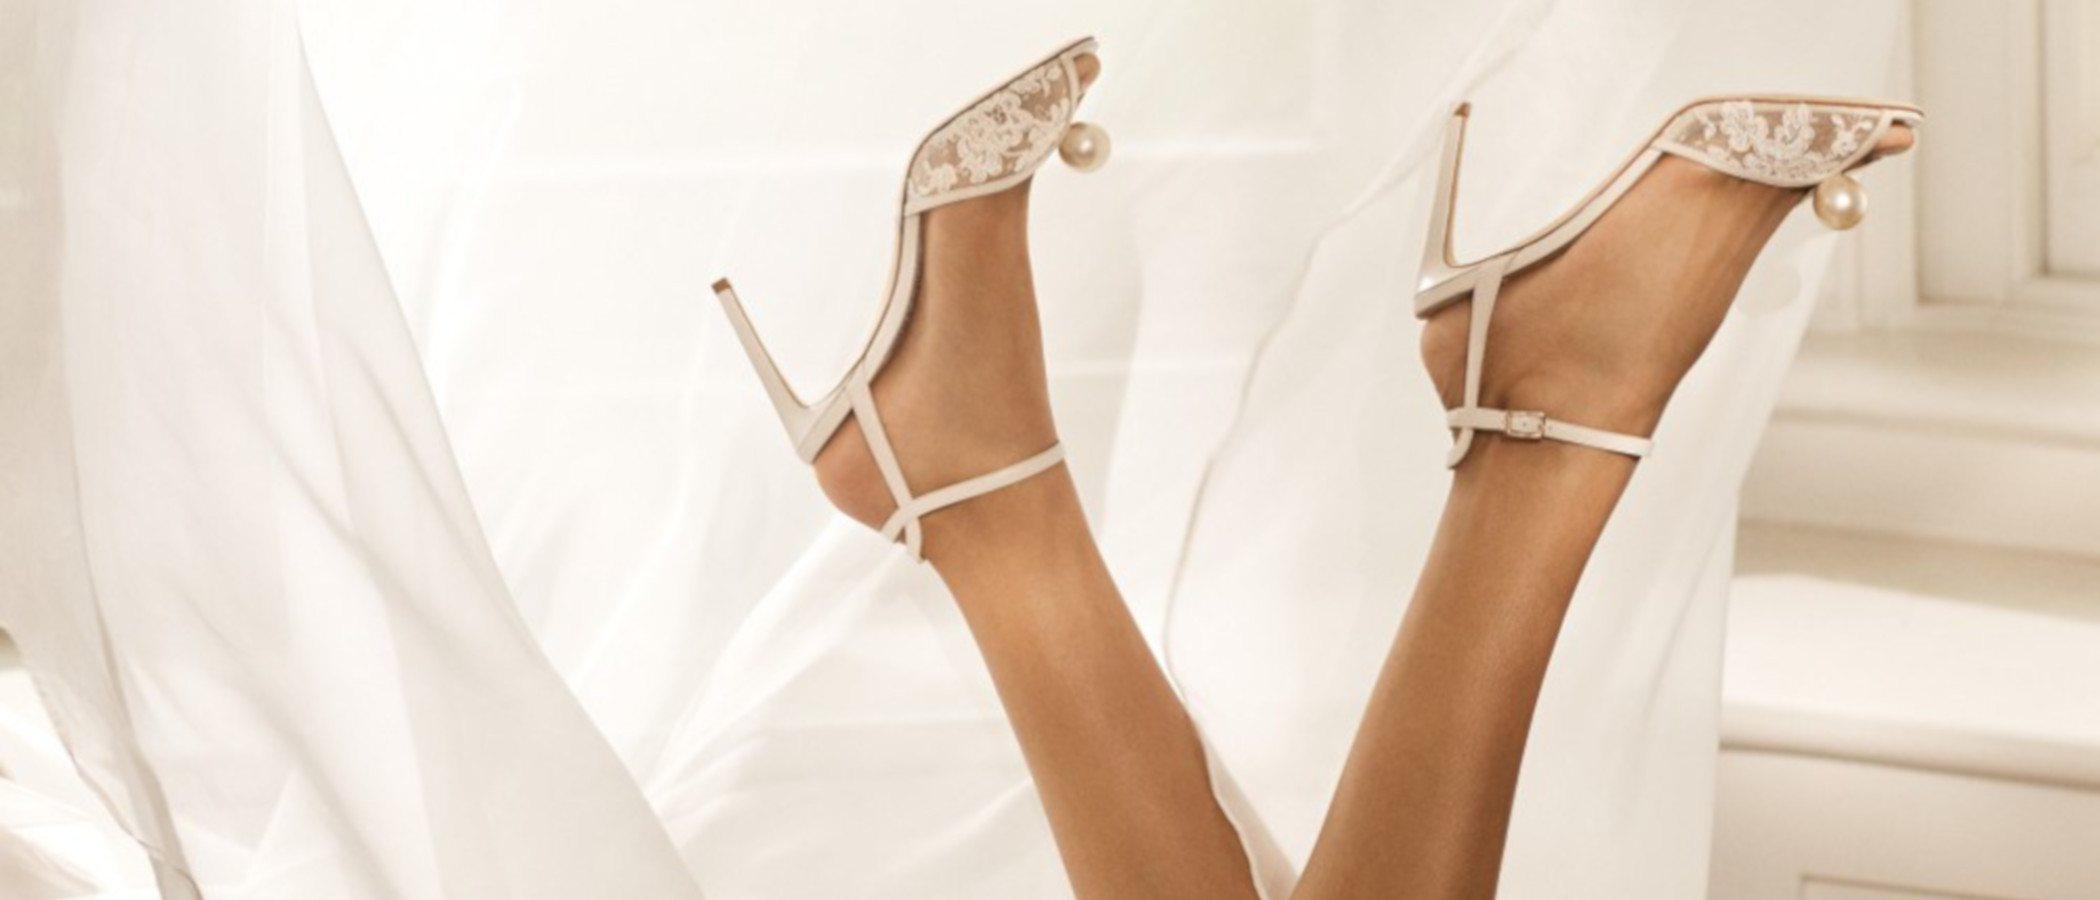 Jimmy Choo diseña los zapatos de ensueño en su colección novia 2020